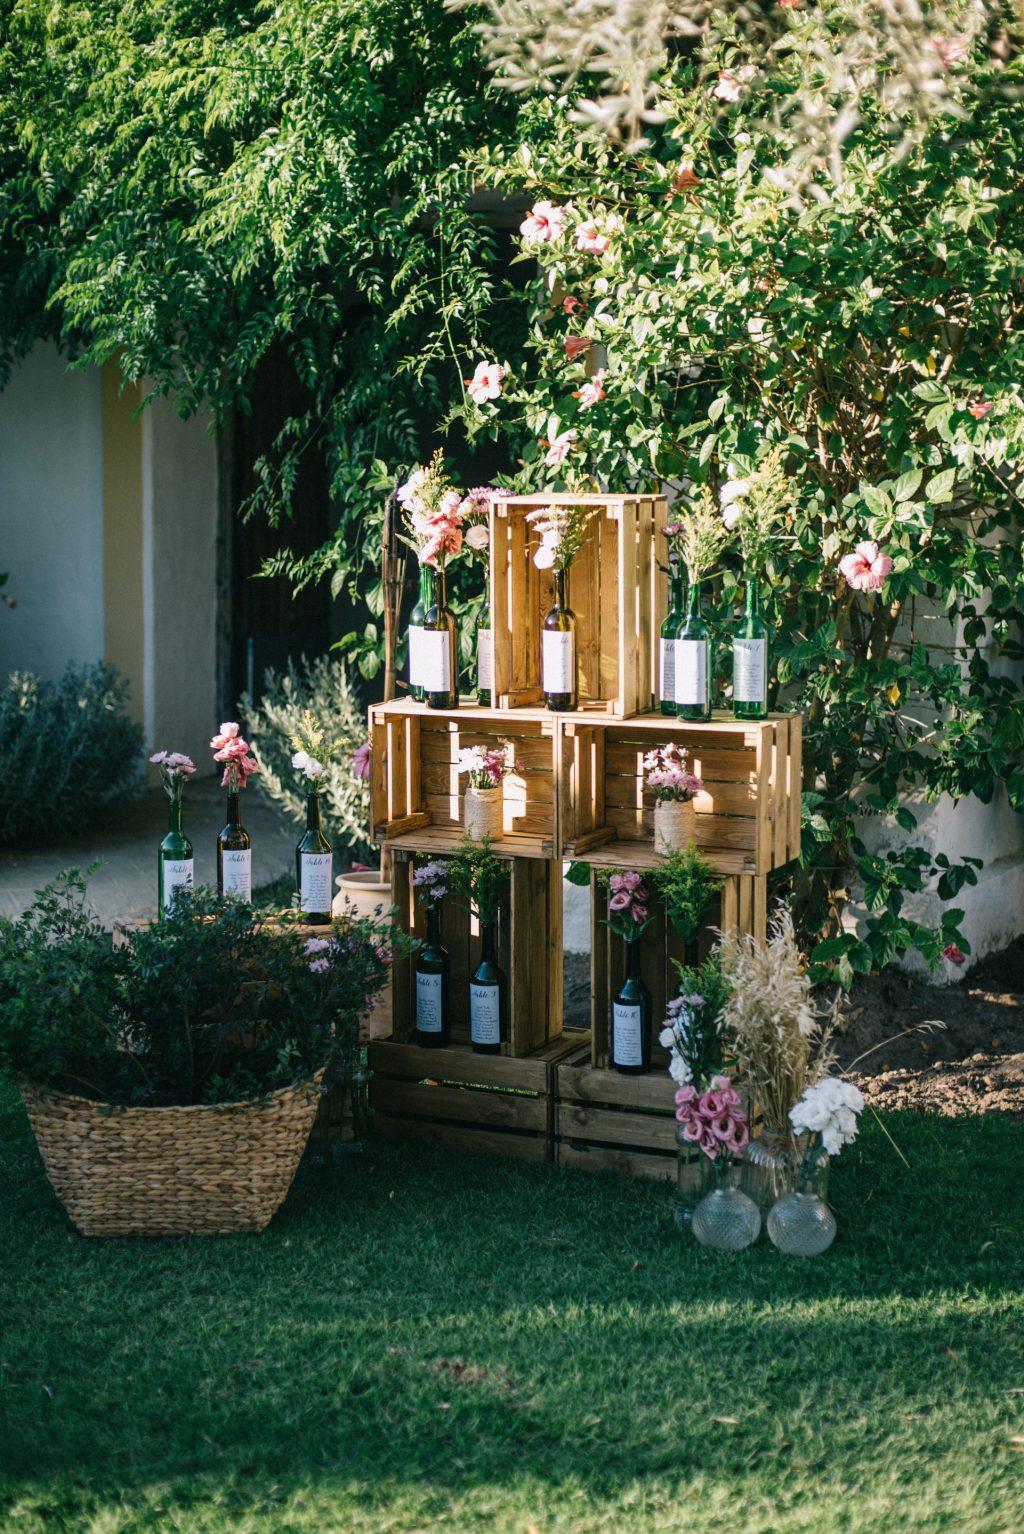 boda civil en hacienda san rafael 7 - La Boda Civil de Géraldine y Jan en Hacienda San Rafael